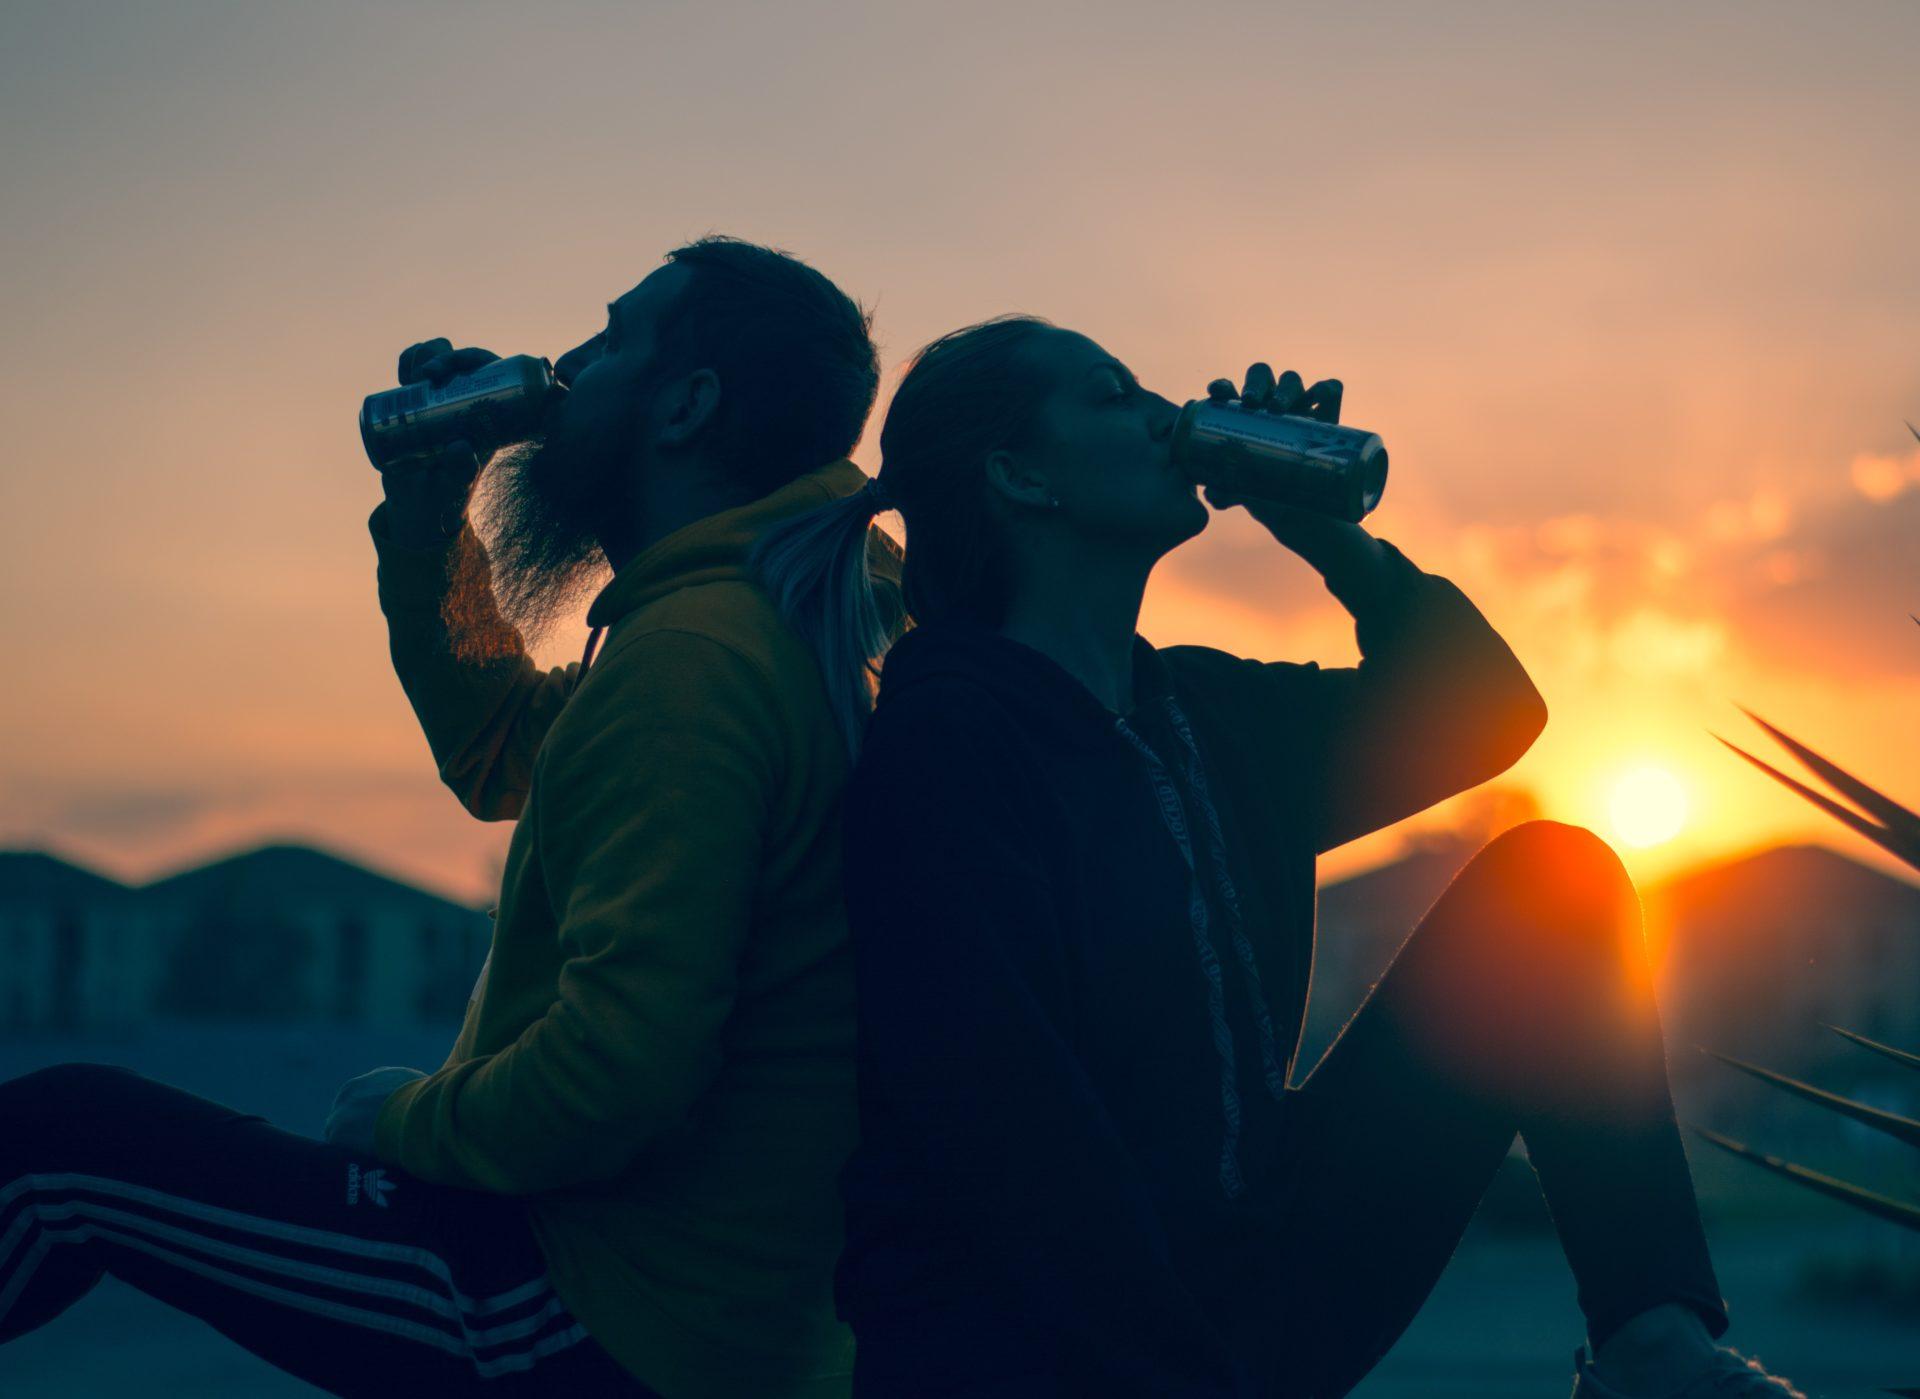 5 excellents prêts-à-boire sans alcool à avoir dans son frigo!